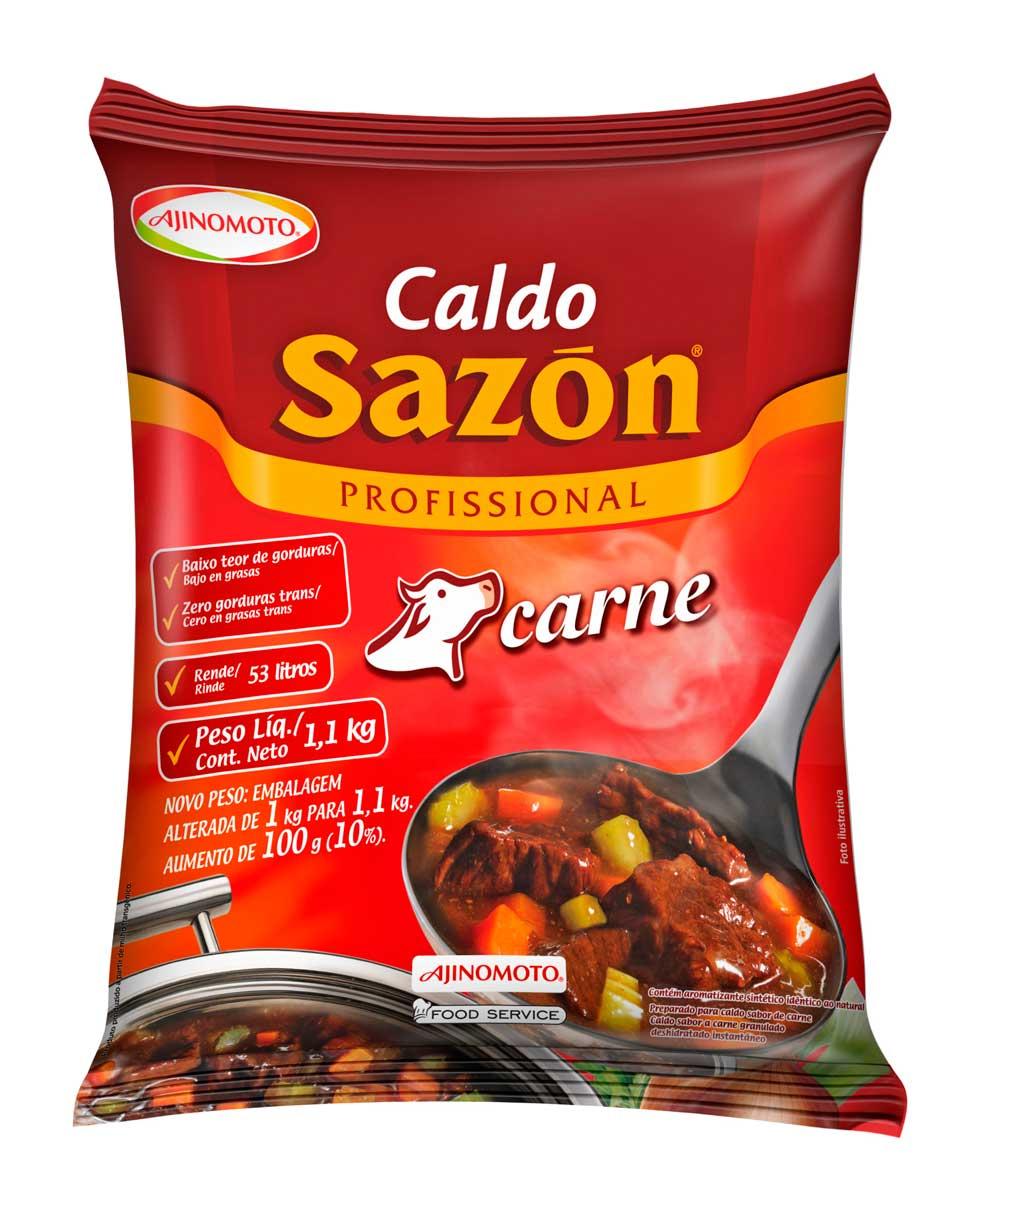 Caldo Sazón